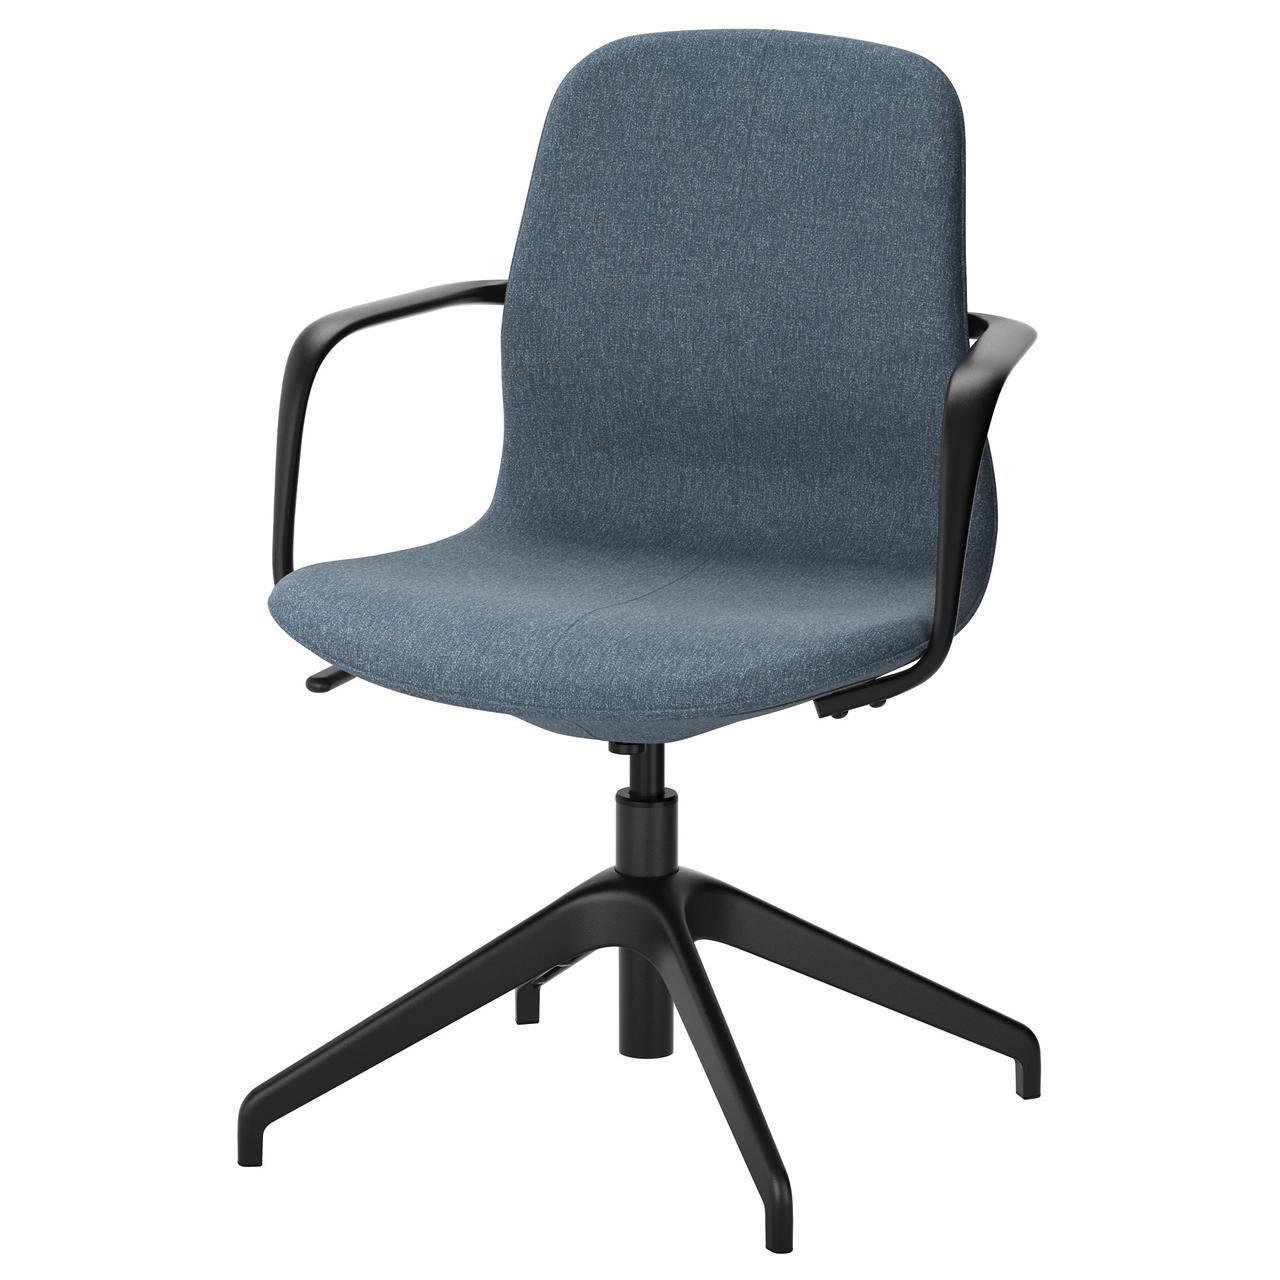 Компьютерное кресло IKEA LÅNGFJÄLL Gunnared голубое черное 891.762.27